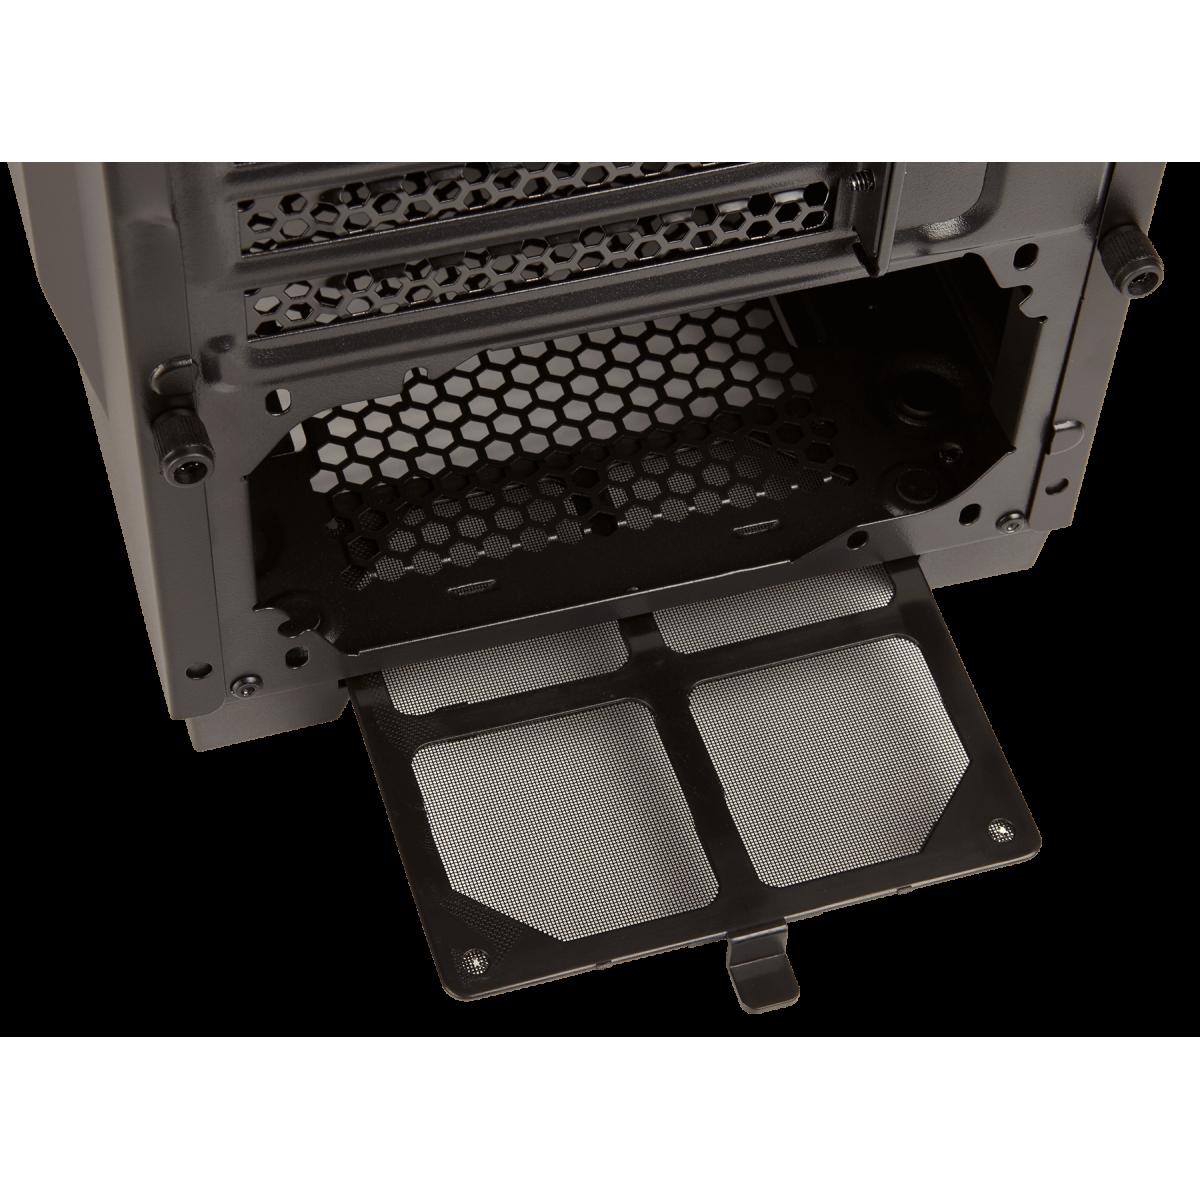 Gabinete Gamer Corsair Carbide SPEC-04 Mid Tower, Com 1 Fan, Lateral em Acrílico, Black-Grey, Sem Fonte, CC-9011109-WW